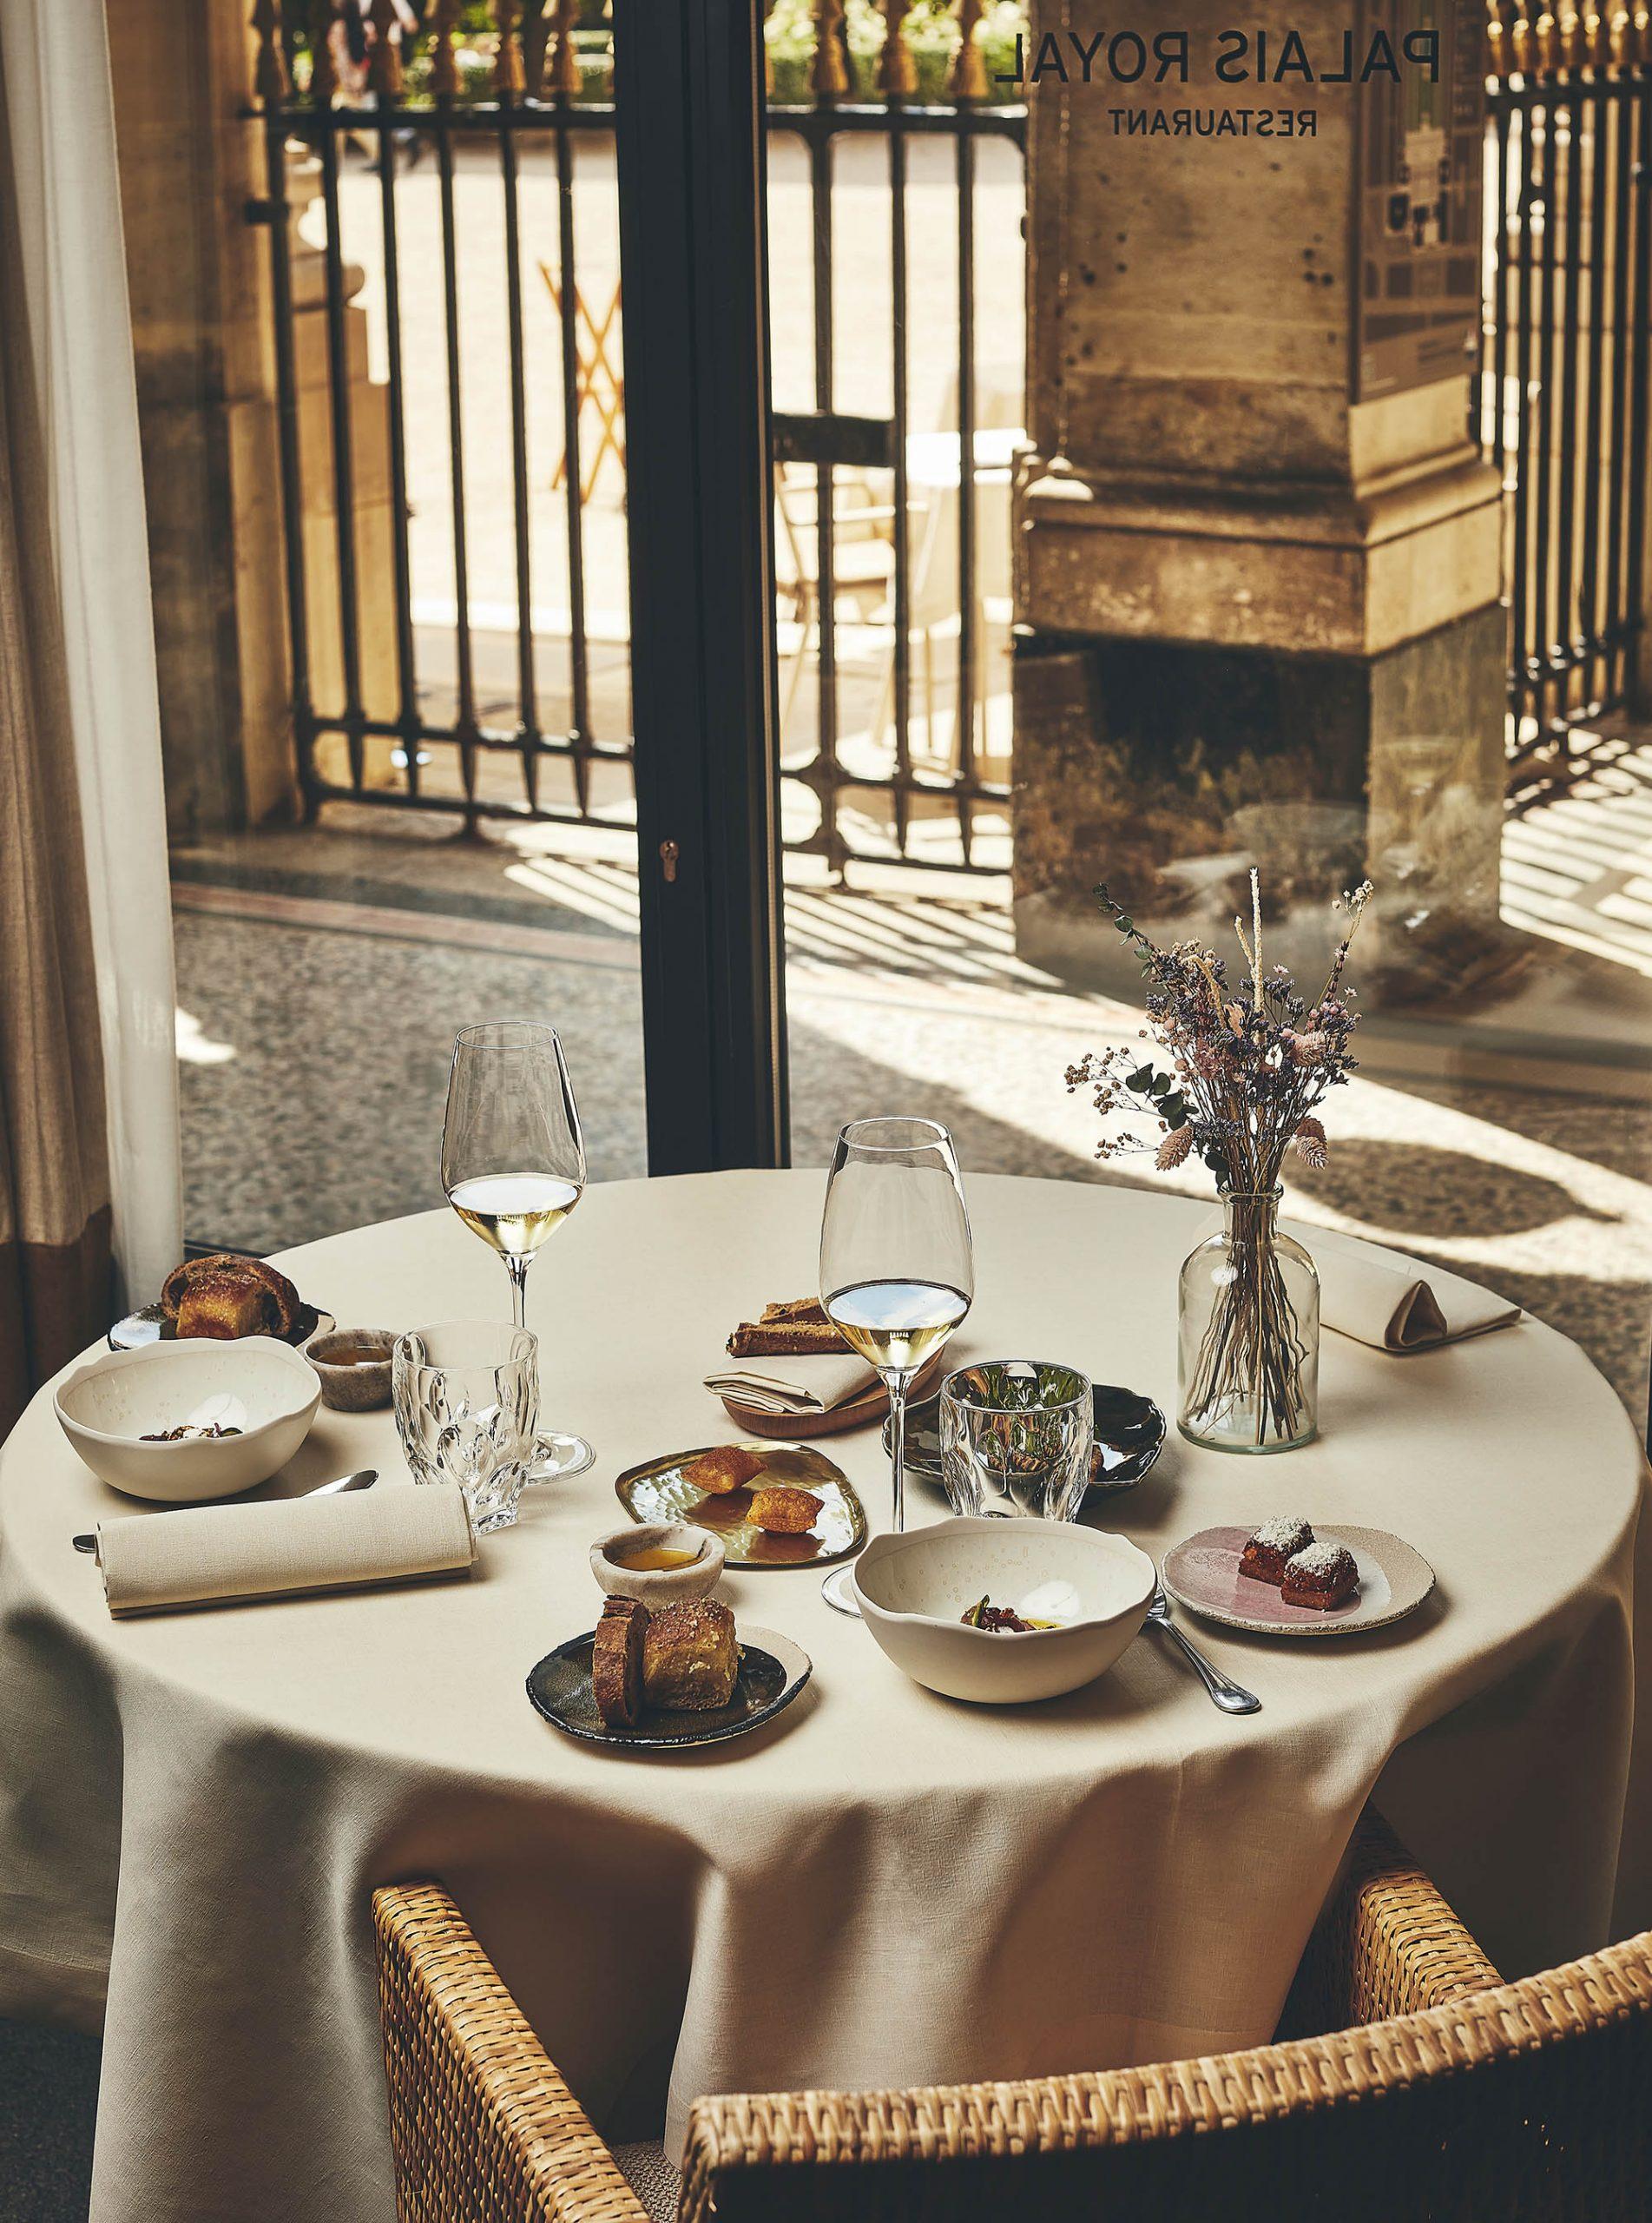 Palais Royal paris restaurant